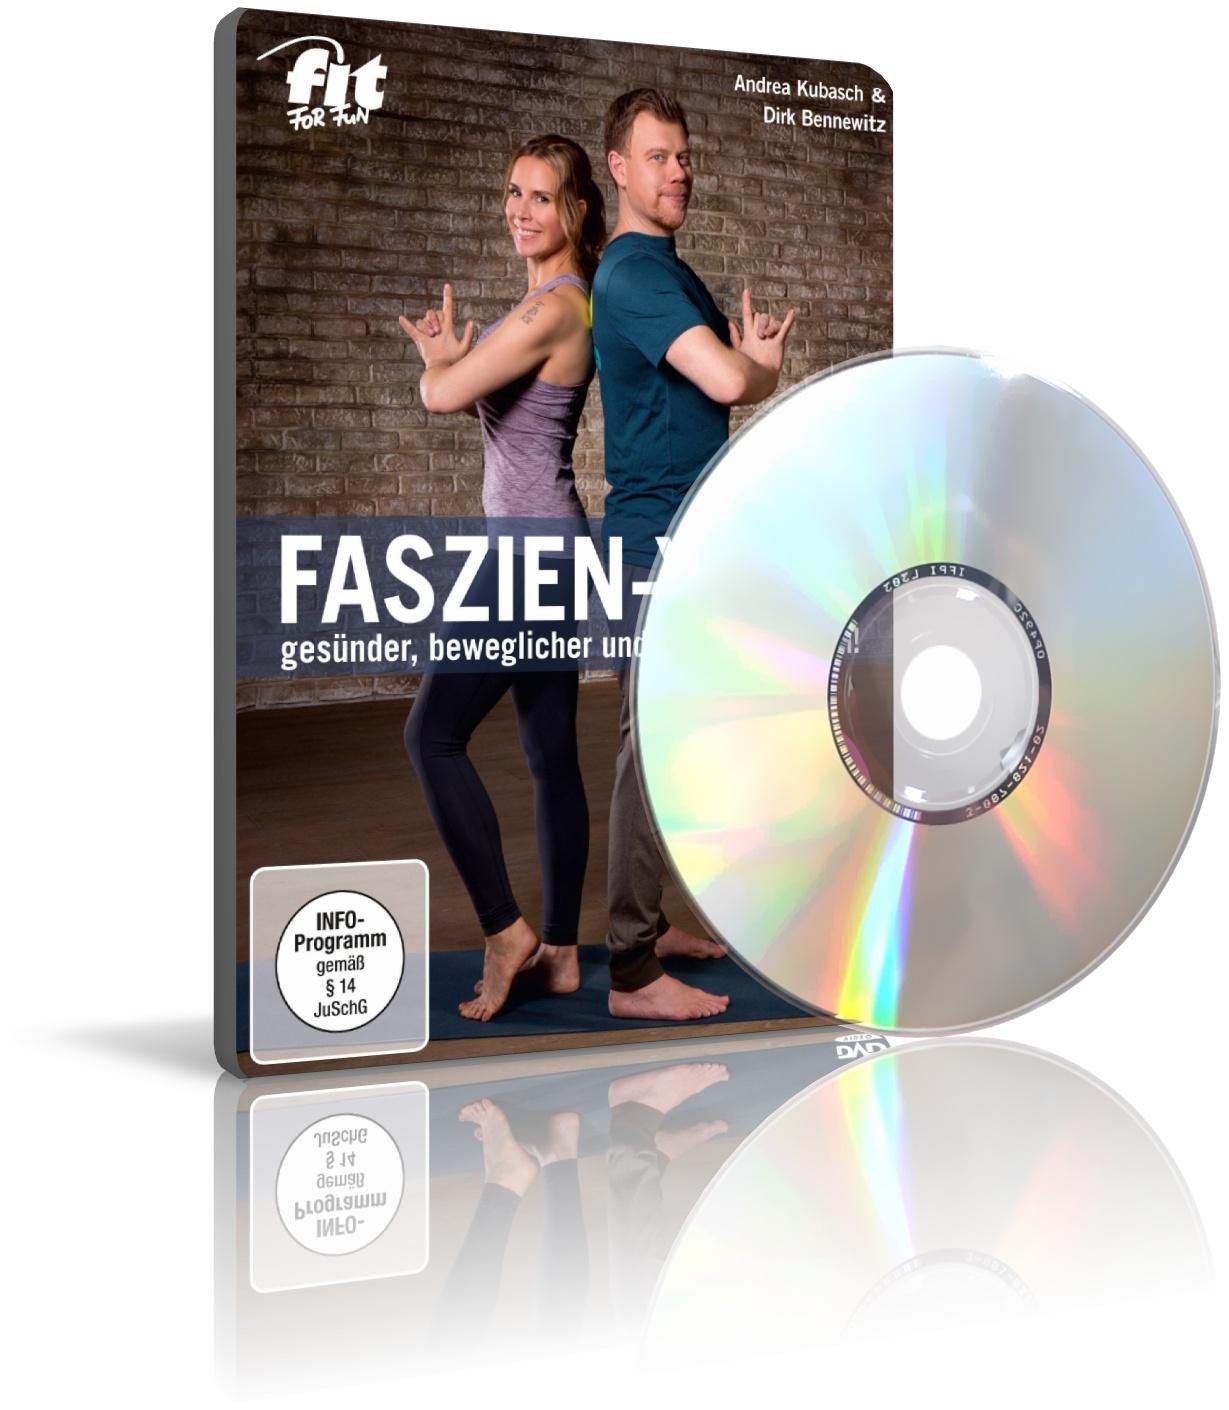 Faszien-Yoga mit Andrea Kubasch, Dirk Bennewitz (DVD)